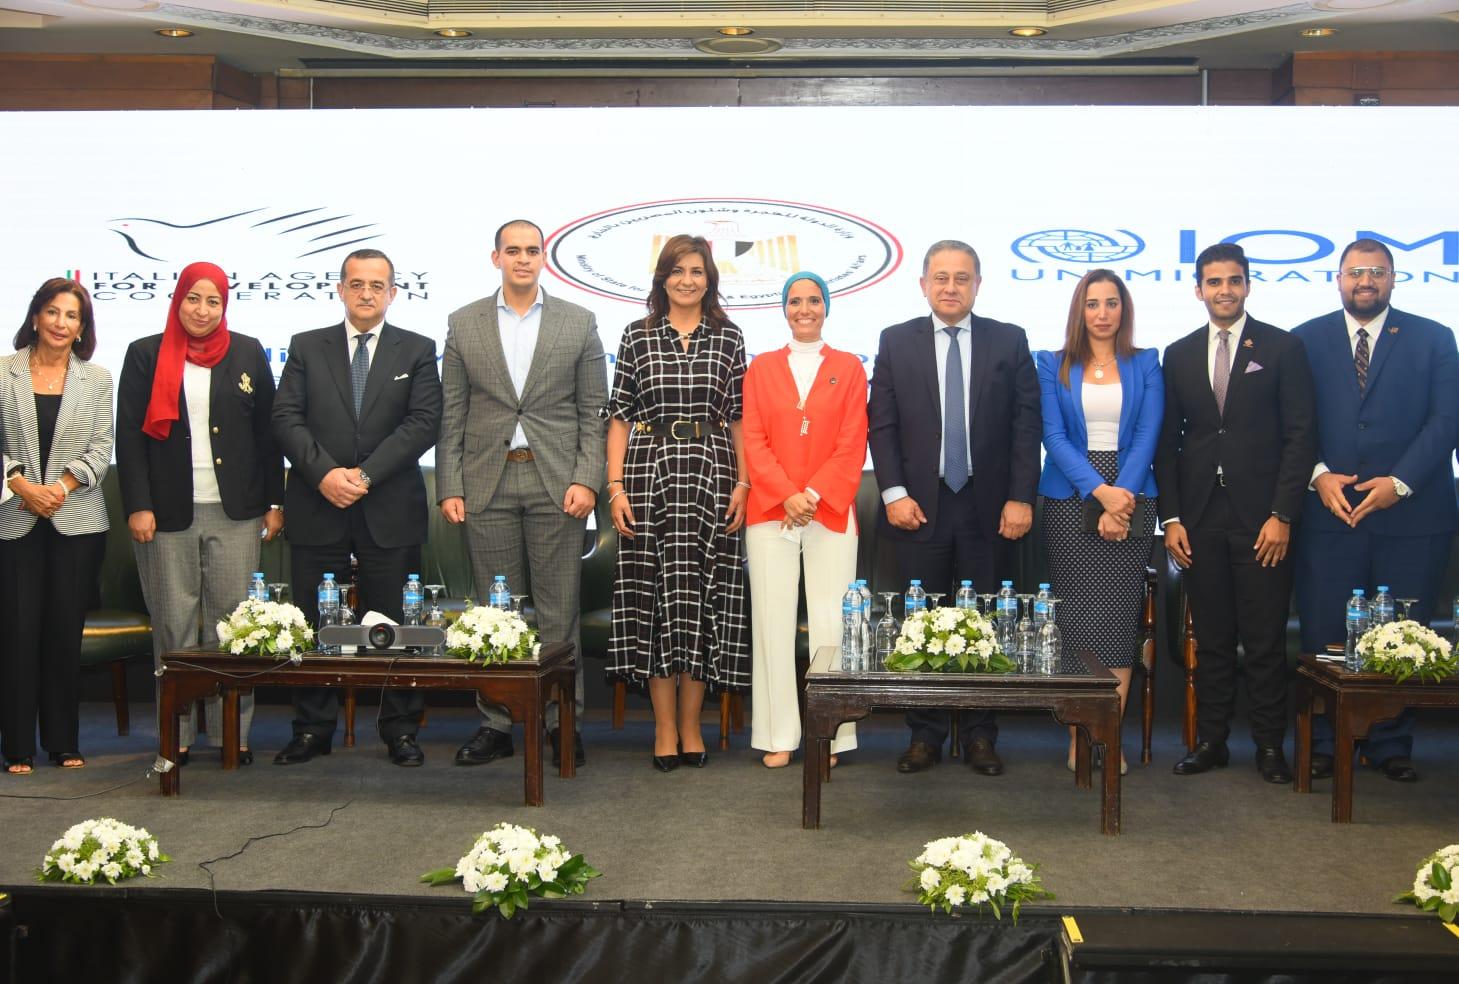 """مؤتمر """"دور التحويلات النقدية في زيادة الاستثمار وتحقيق التنمية المستدامة"""" يختتم فاعلياته"""